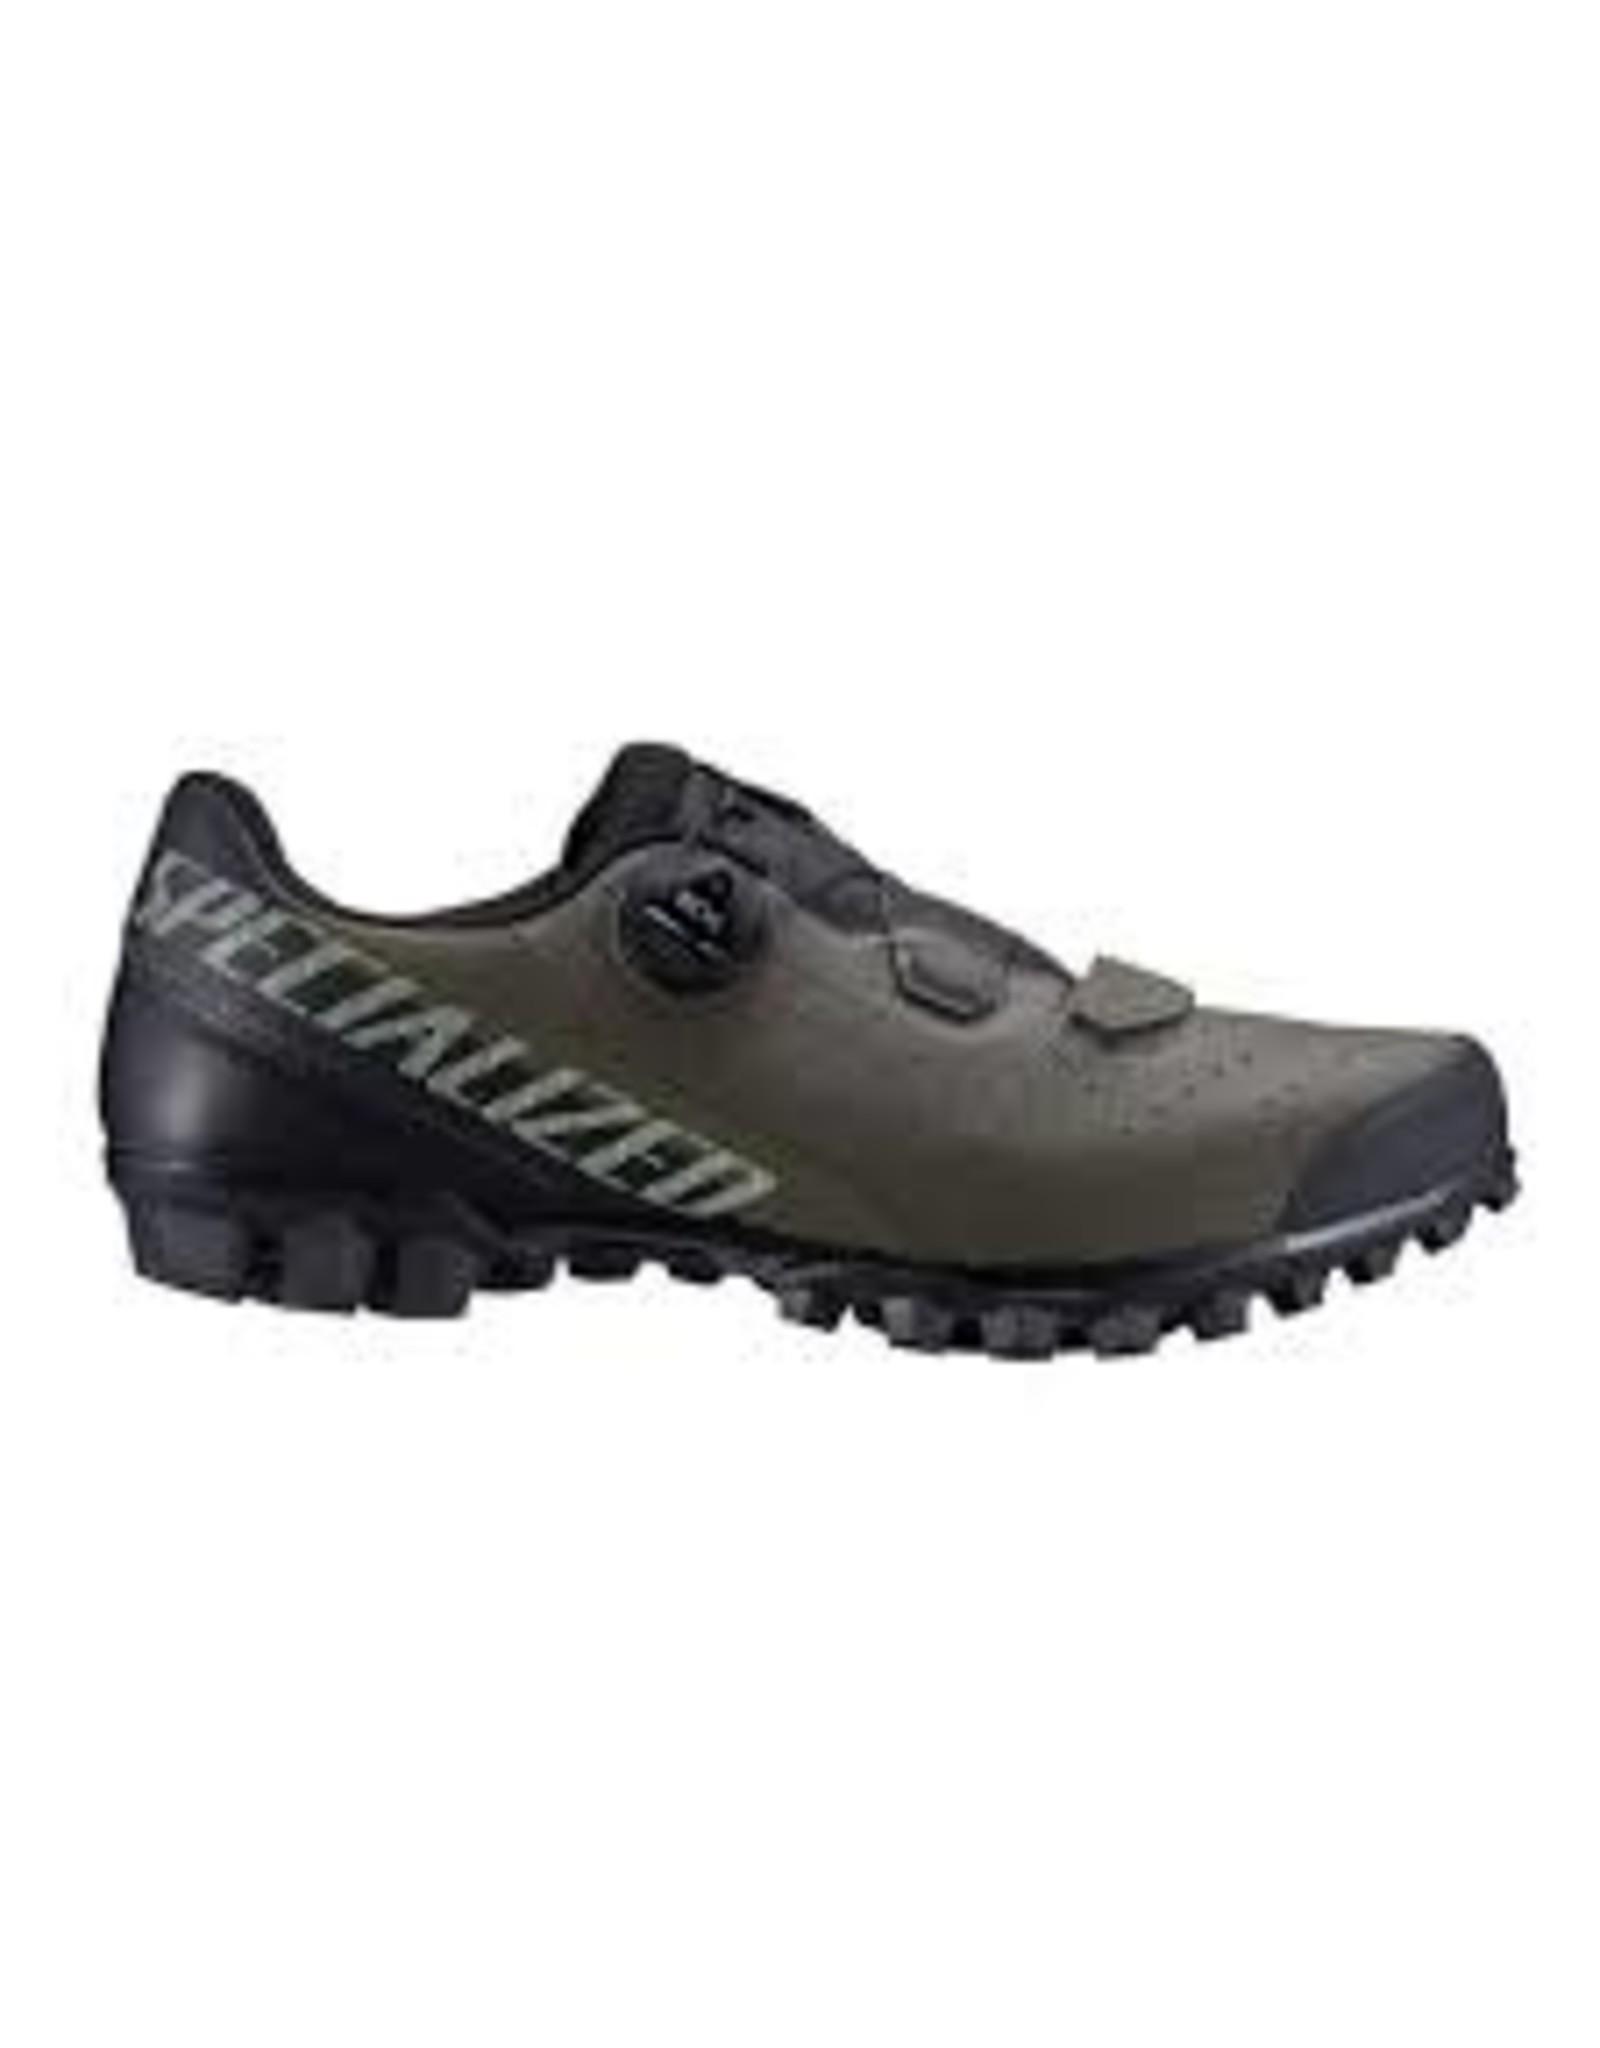 Specialized Spec Shoe Recon 2.0 Blk 46